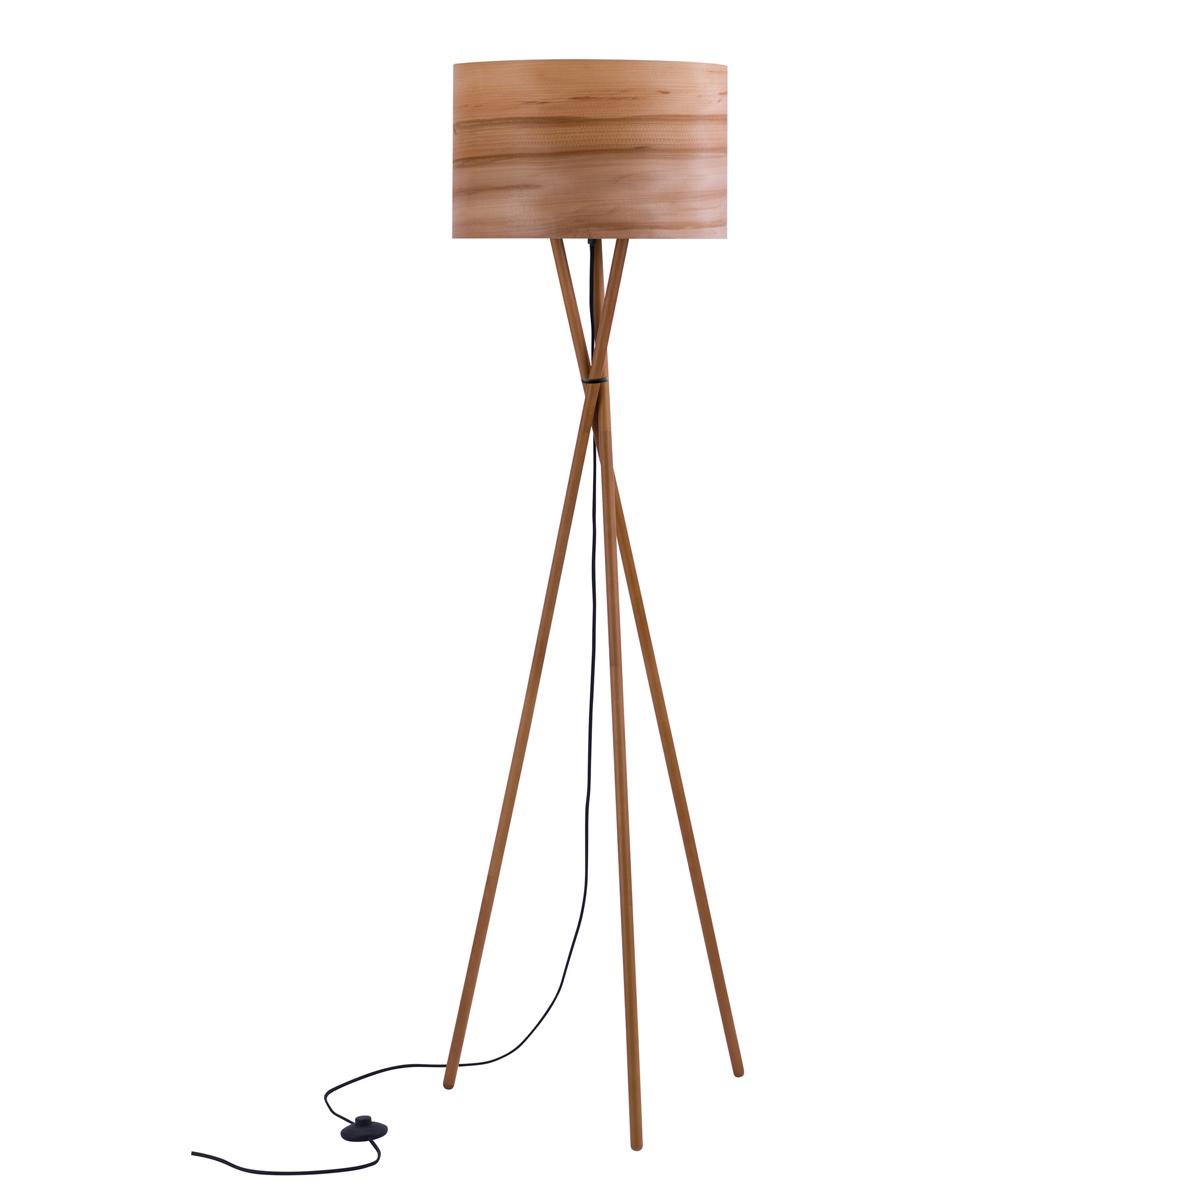 Lampadaire en bois d'hêtre et feuille de bois